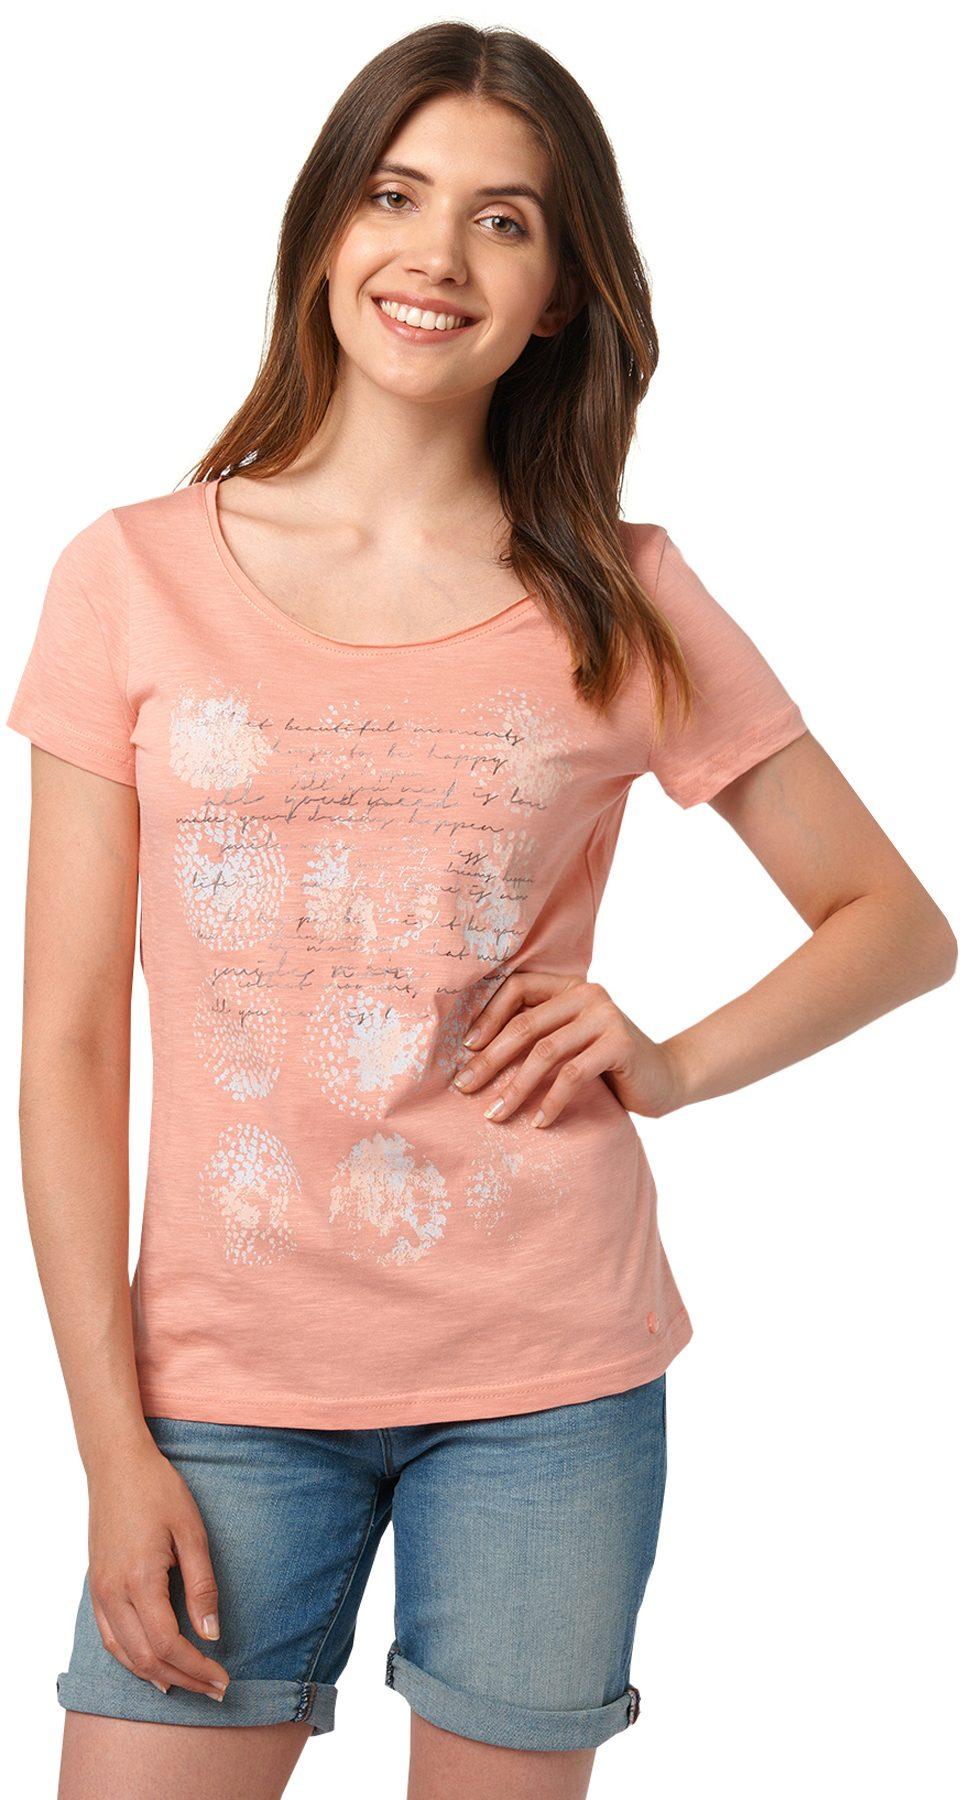 TOM TAILOR T-Shirt »sommerliche T-Shirt mit Print«